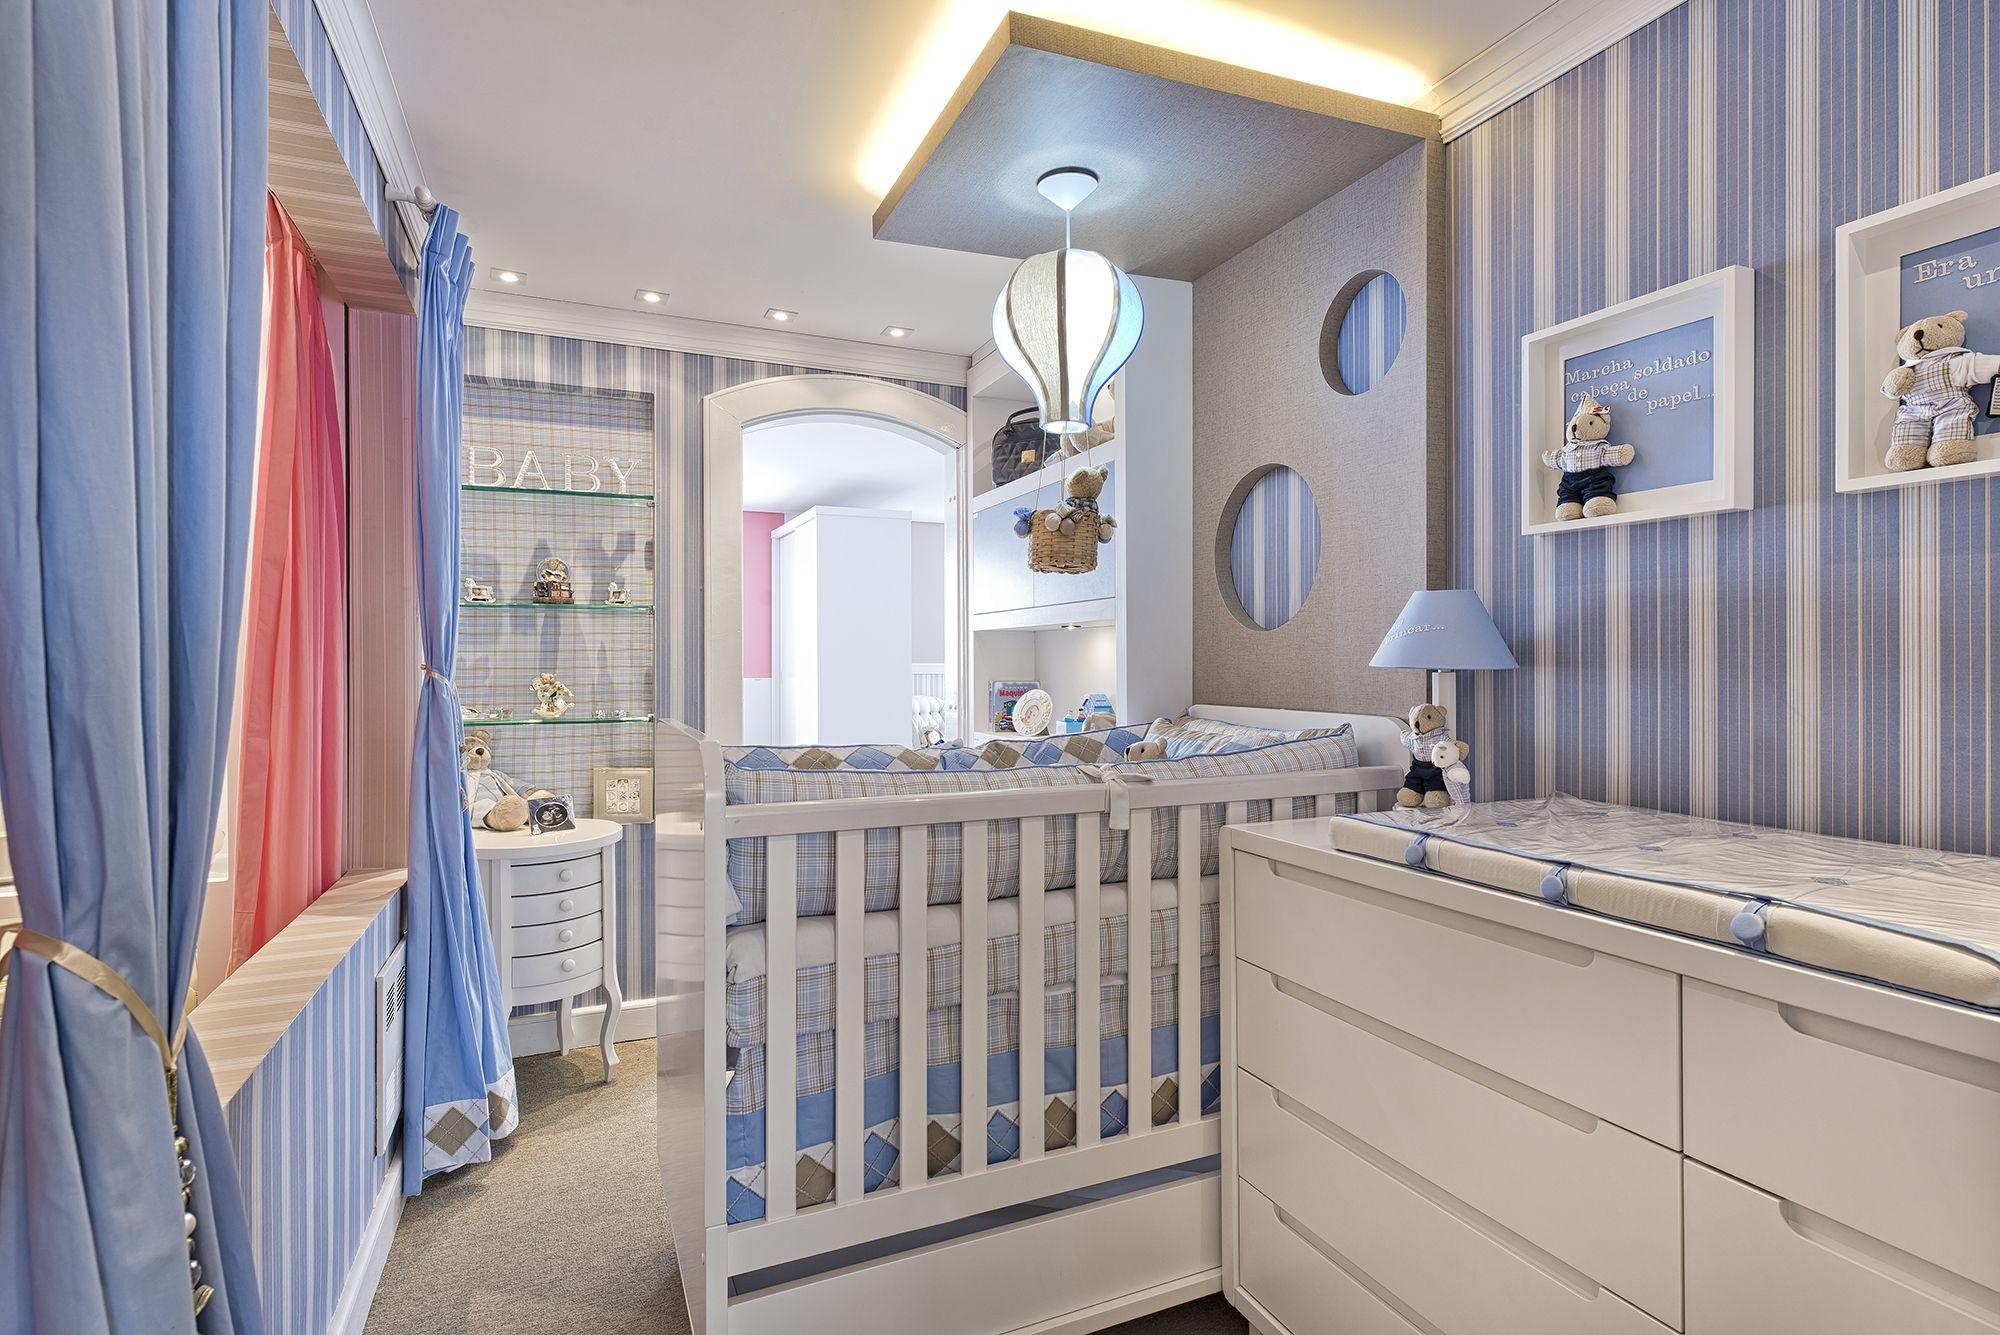 7 Ideias Para Montar Quarto De Beb Para Menino E Unissex Beb S  ~ Organizando E Decorando O Quarto Com Enfeites De Bebe Para Quarto